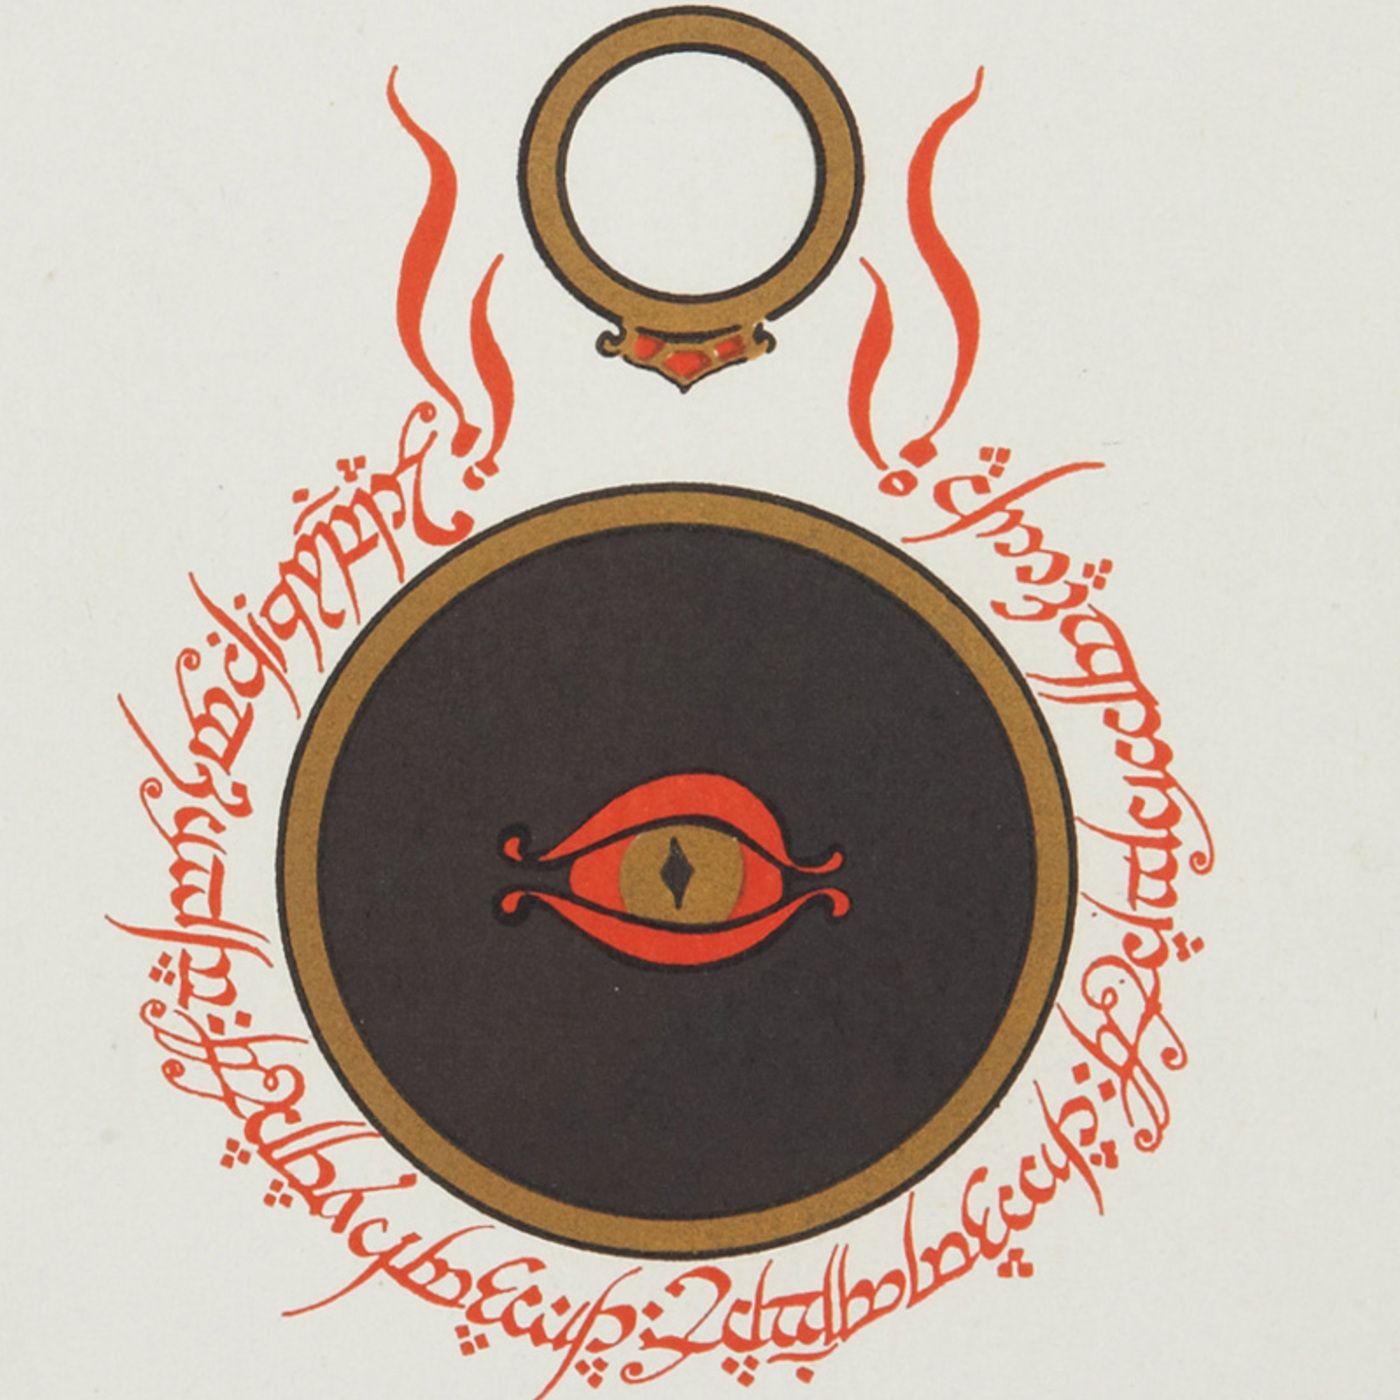 Как читать любимые книги по-новому. Лекция 10. Дж. Р. Р. Толкин. «Властелин колец»